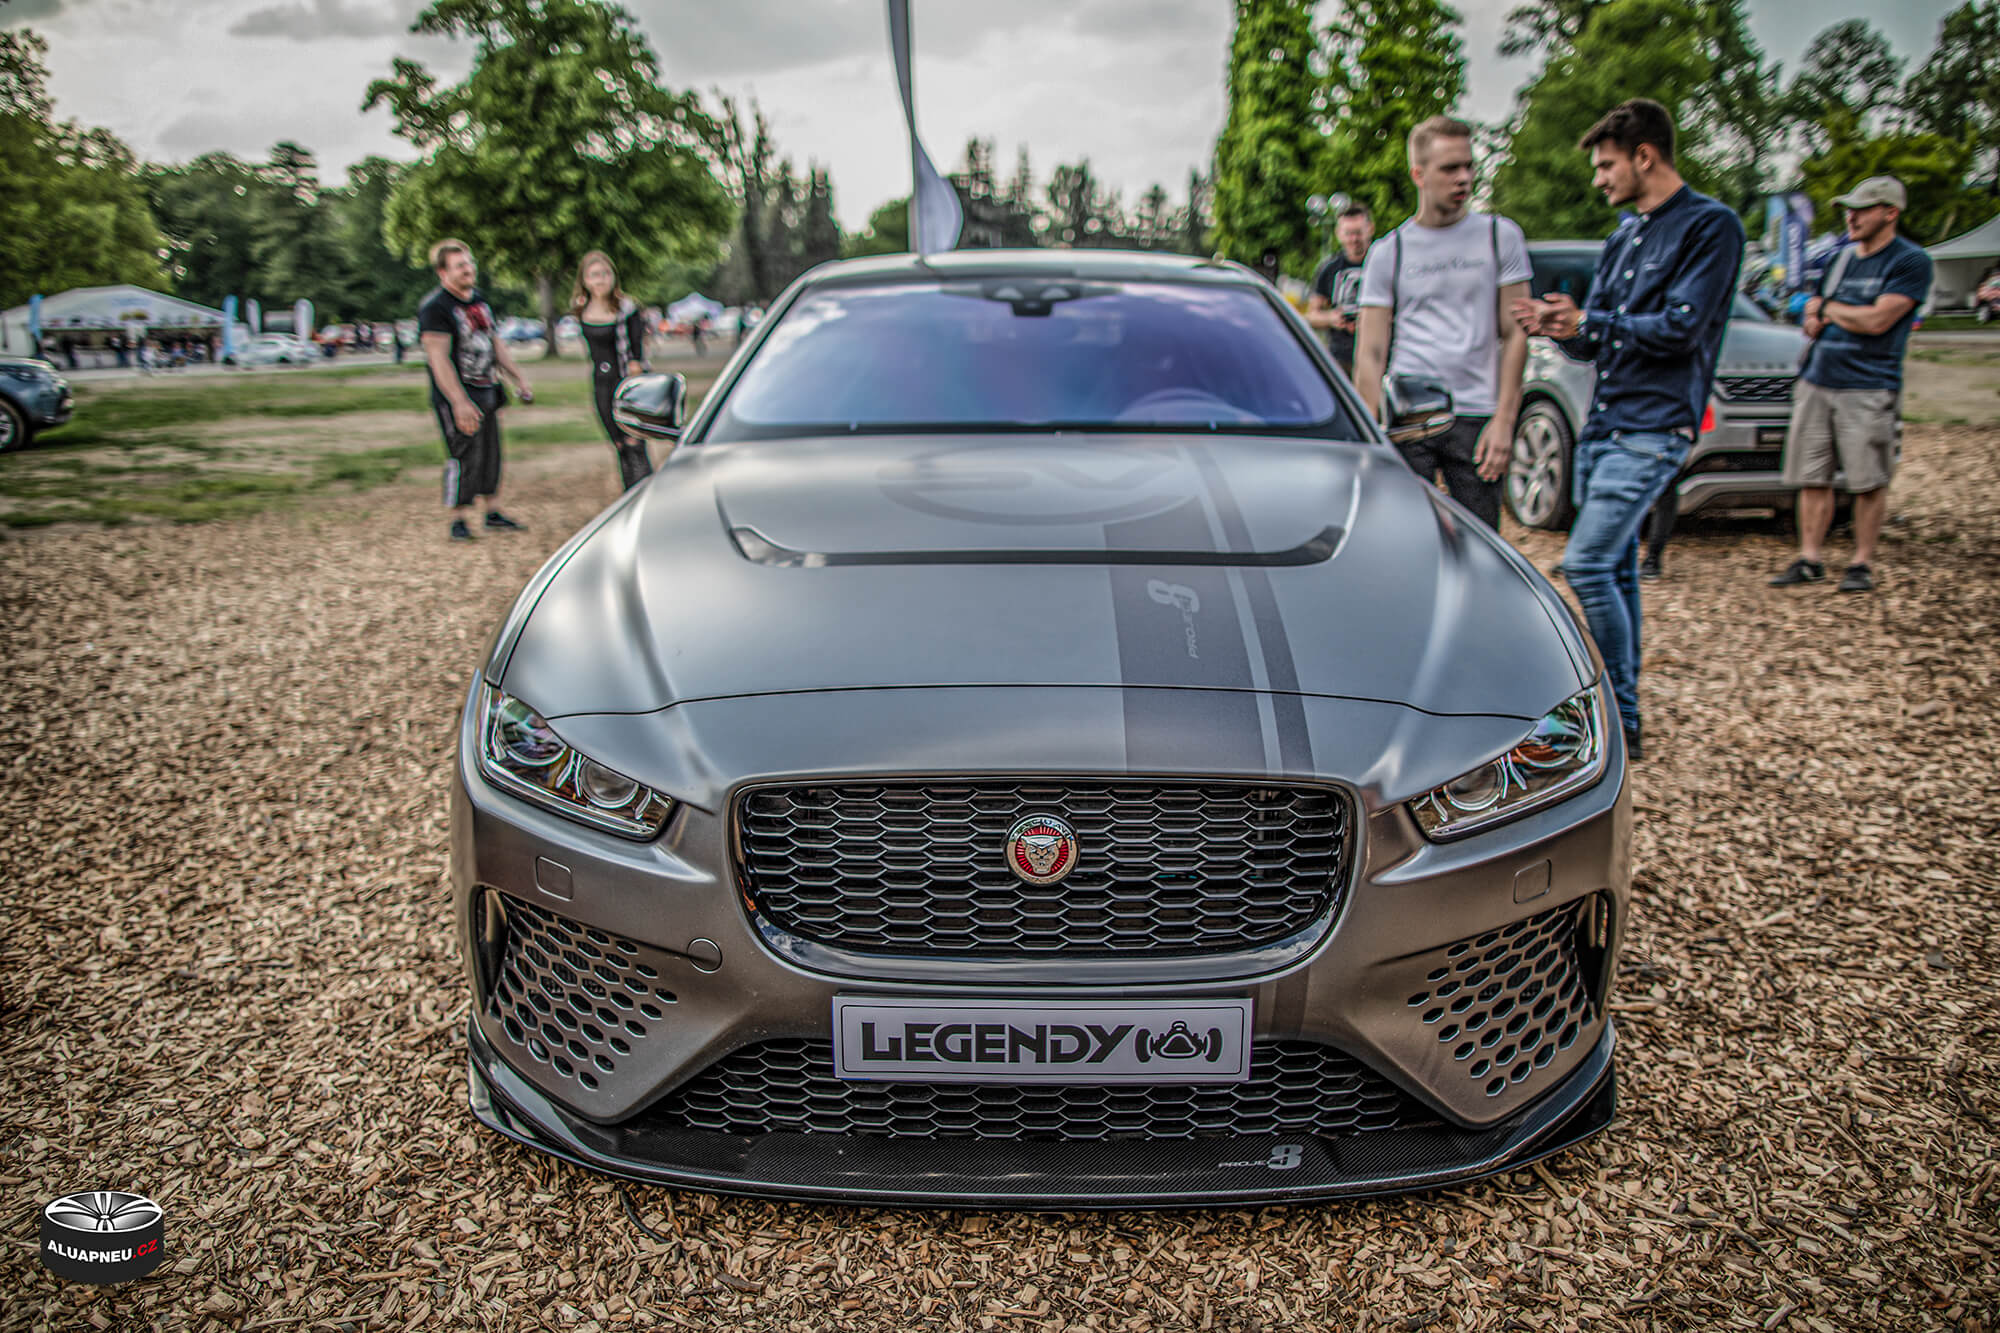 Jaguar sport - Automobilové Legendy 2019 - www.aluapneu.cz